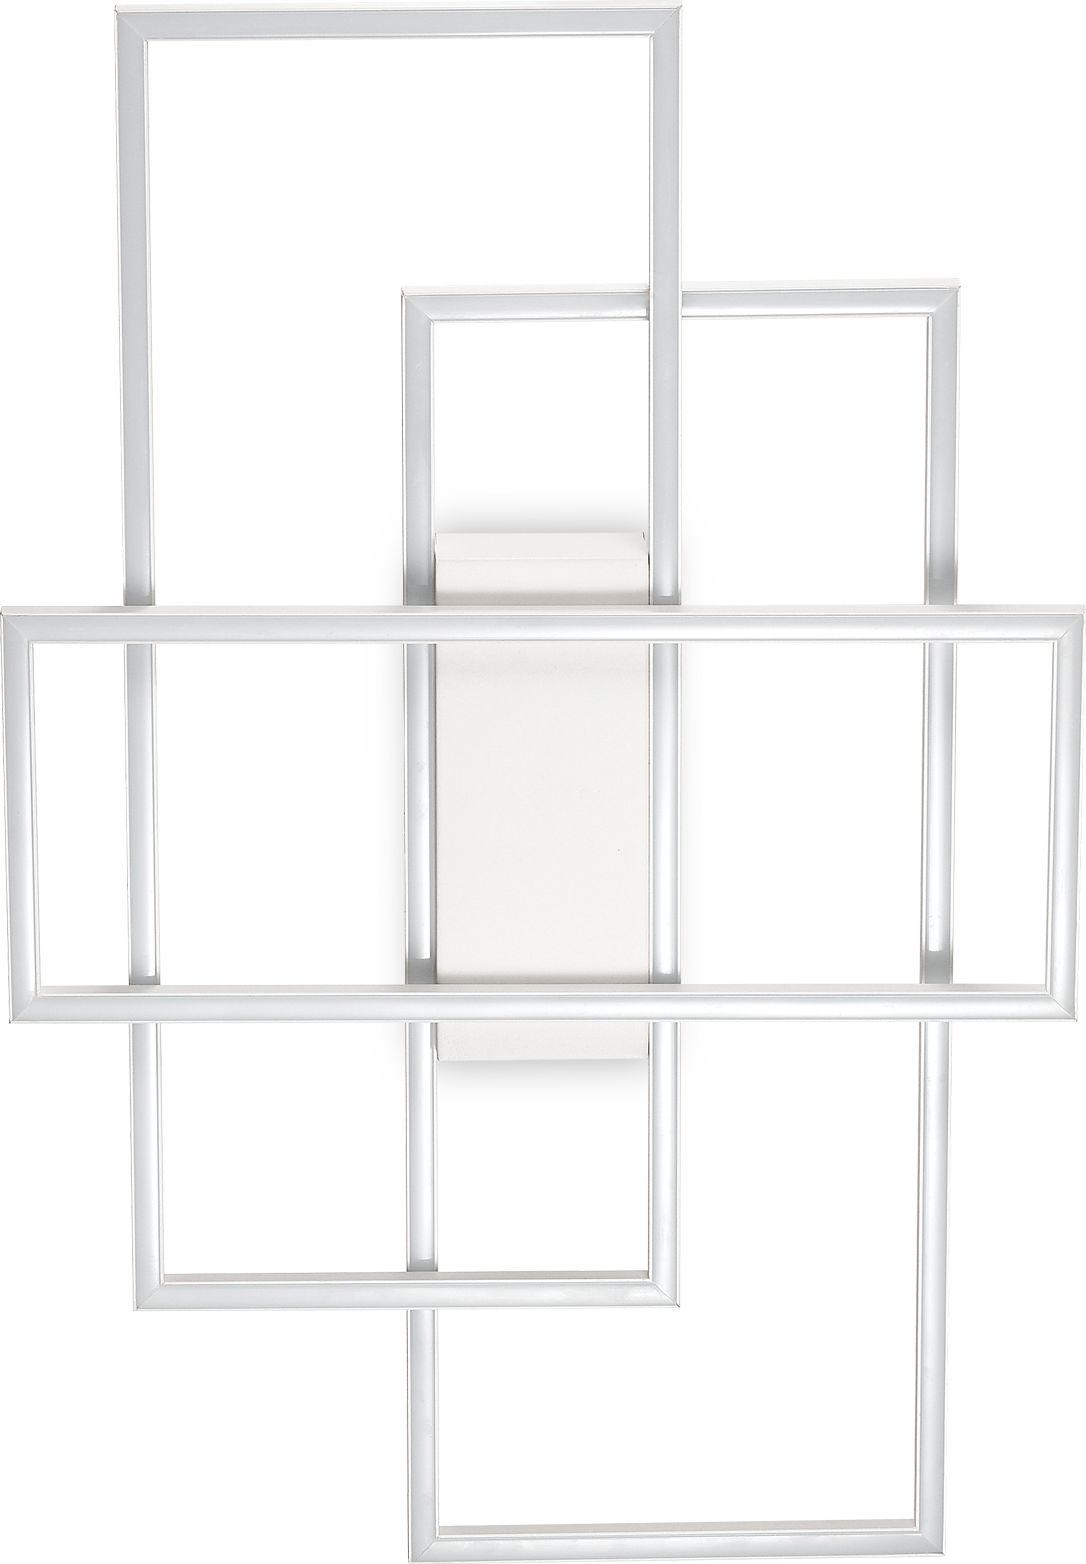 Plafon Frame 230726 Ideal Lux nowoczesna lampa sufitowa w kolorze białym